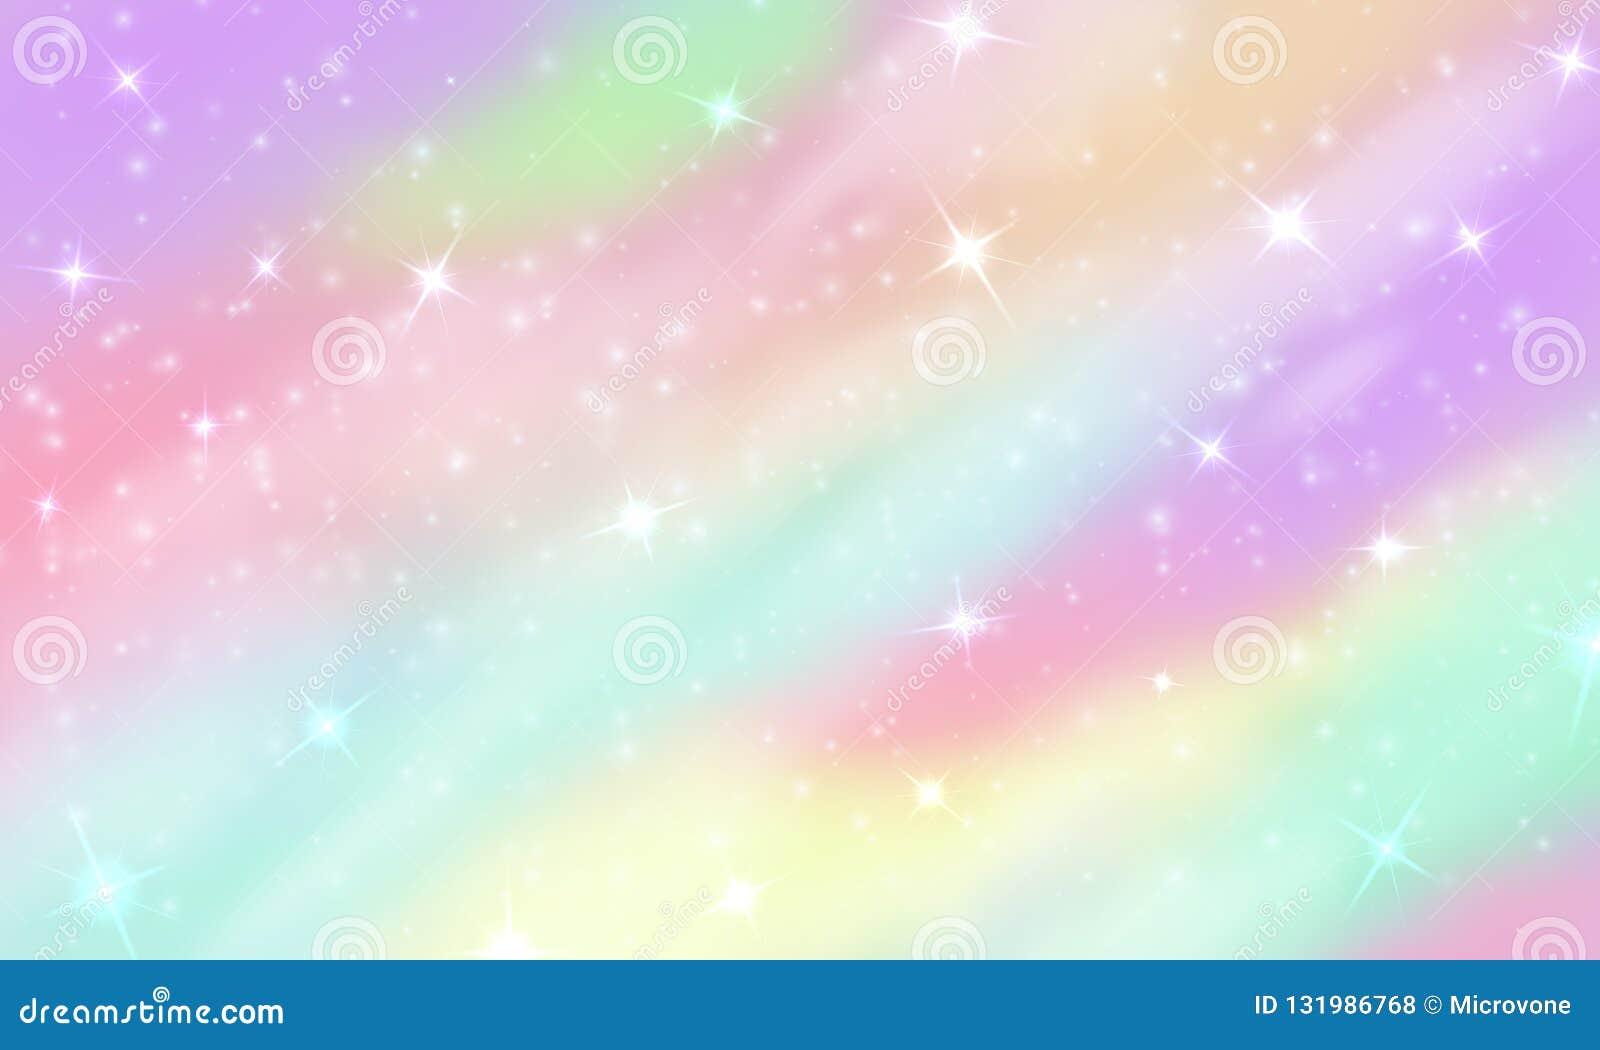 De achtergrond van de regenboogeenhoorn Meermin schitterende melkweg in pastelkleuren met sterren bokeh Magische roze holografisc